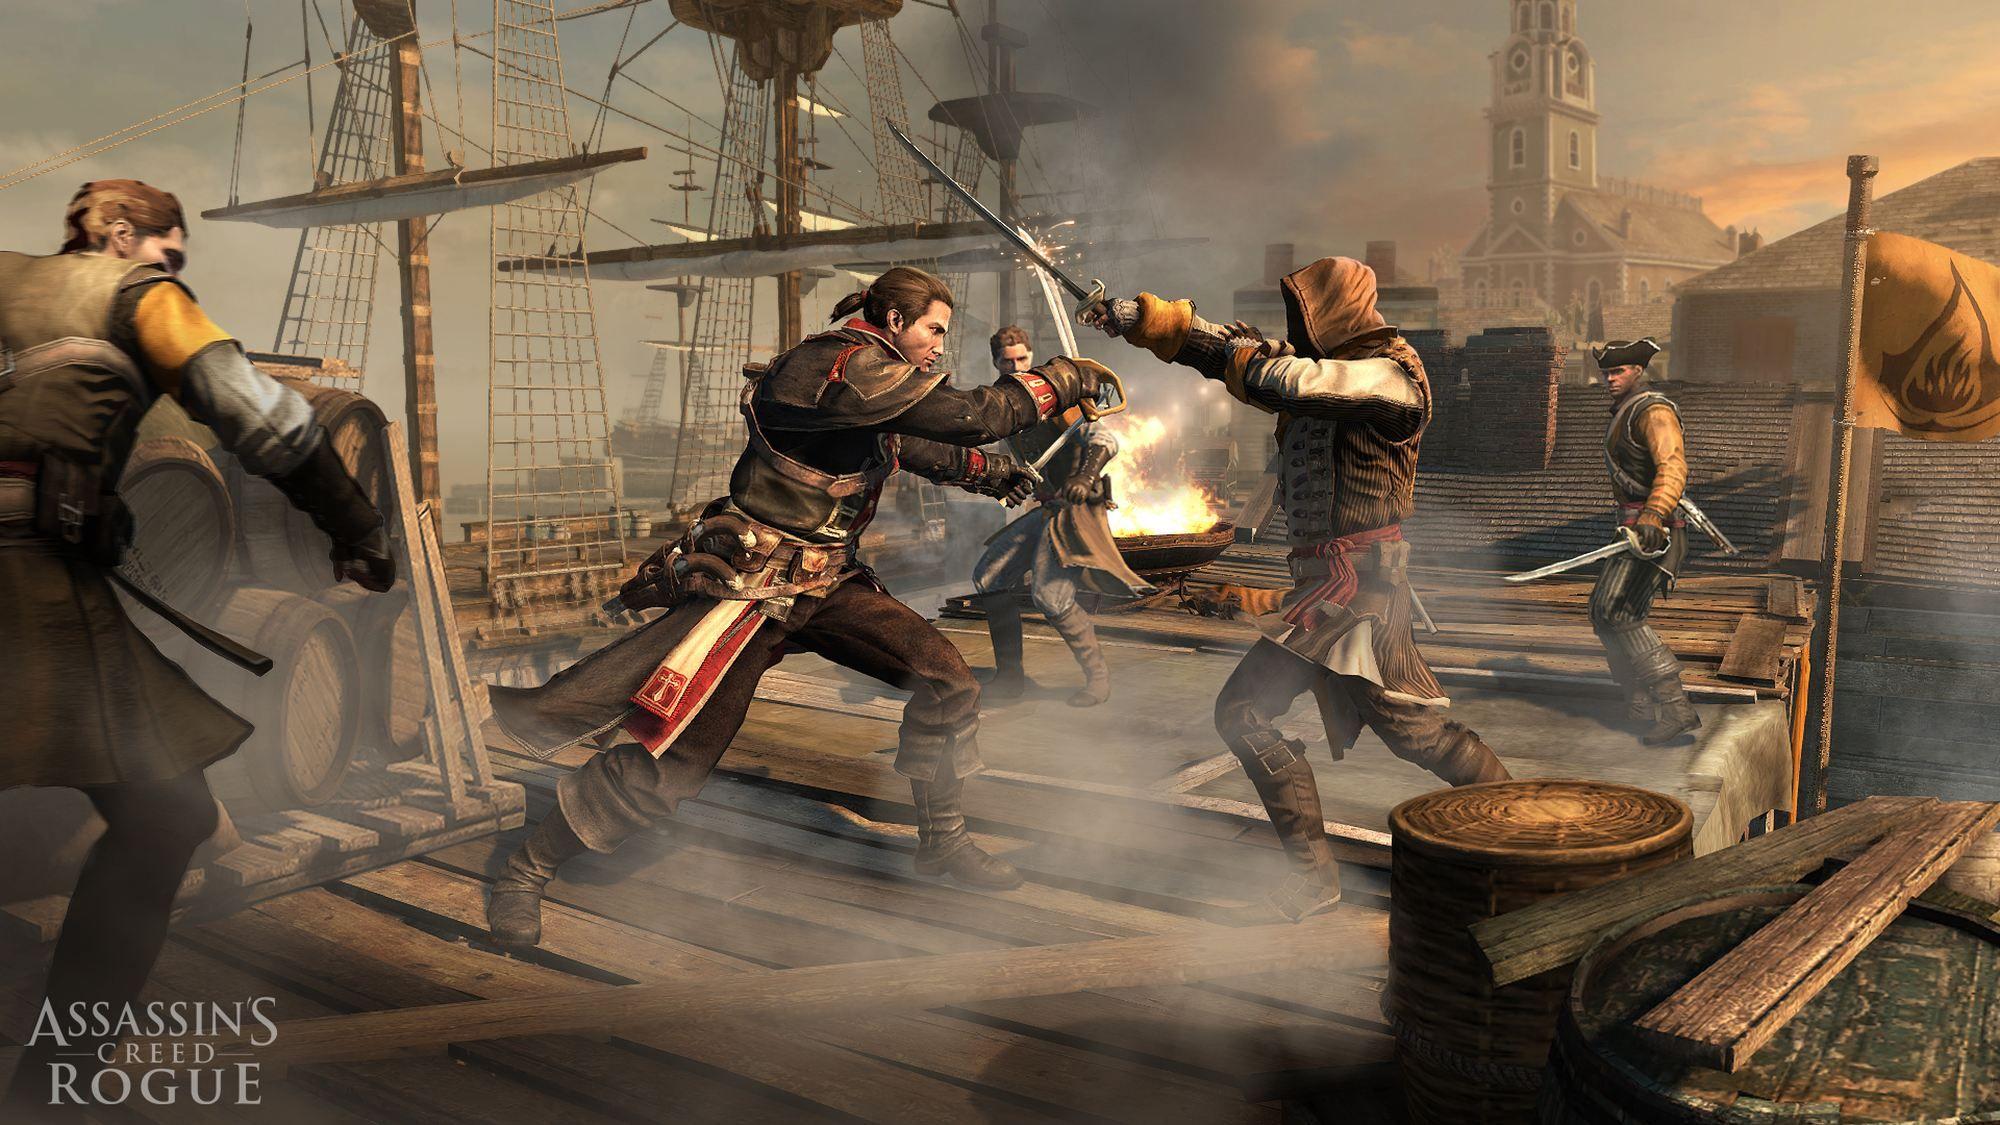 Assassin's Creed Rogue - Essentials (PS3) - 8